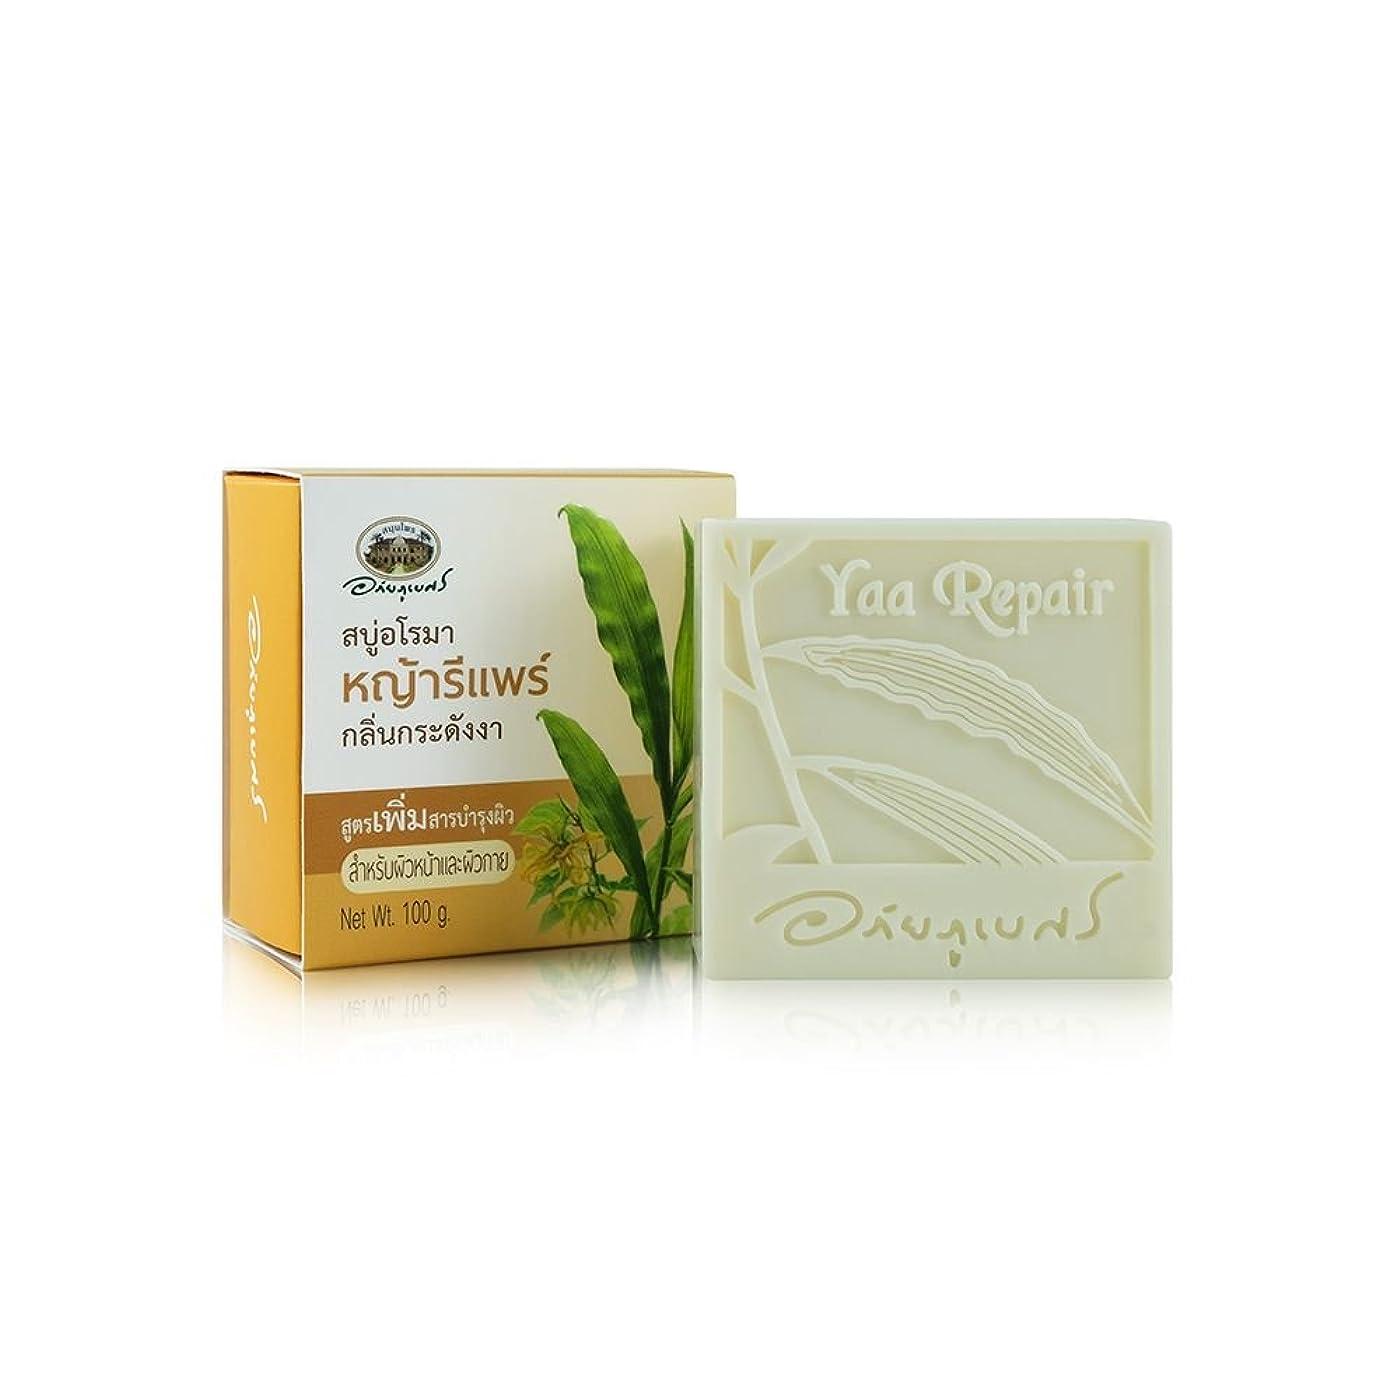 パラダイスの頭の上広くAbhaibhubejhr Thai Aromatherapy With Ylang Ylang Skin Care Formula Herbal Body Face Cleaning Soap 100g.